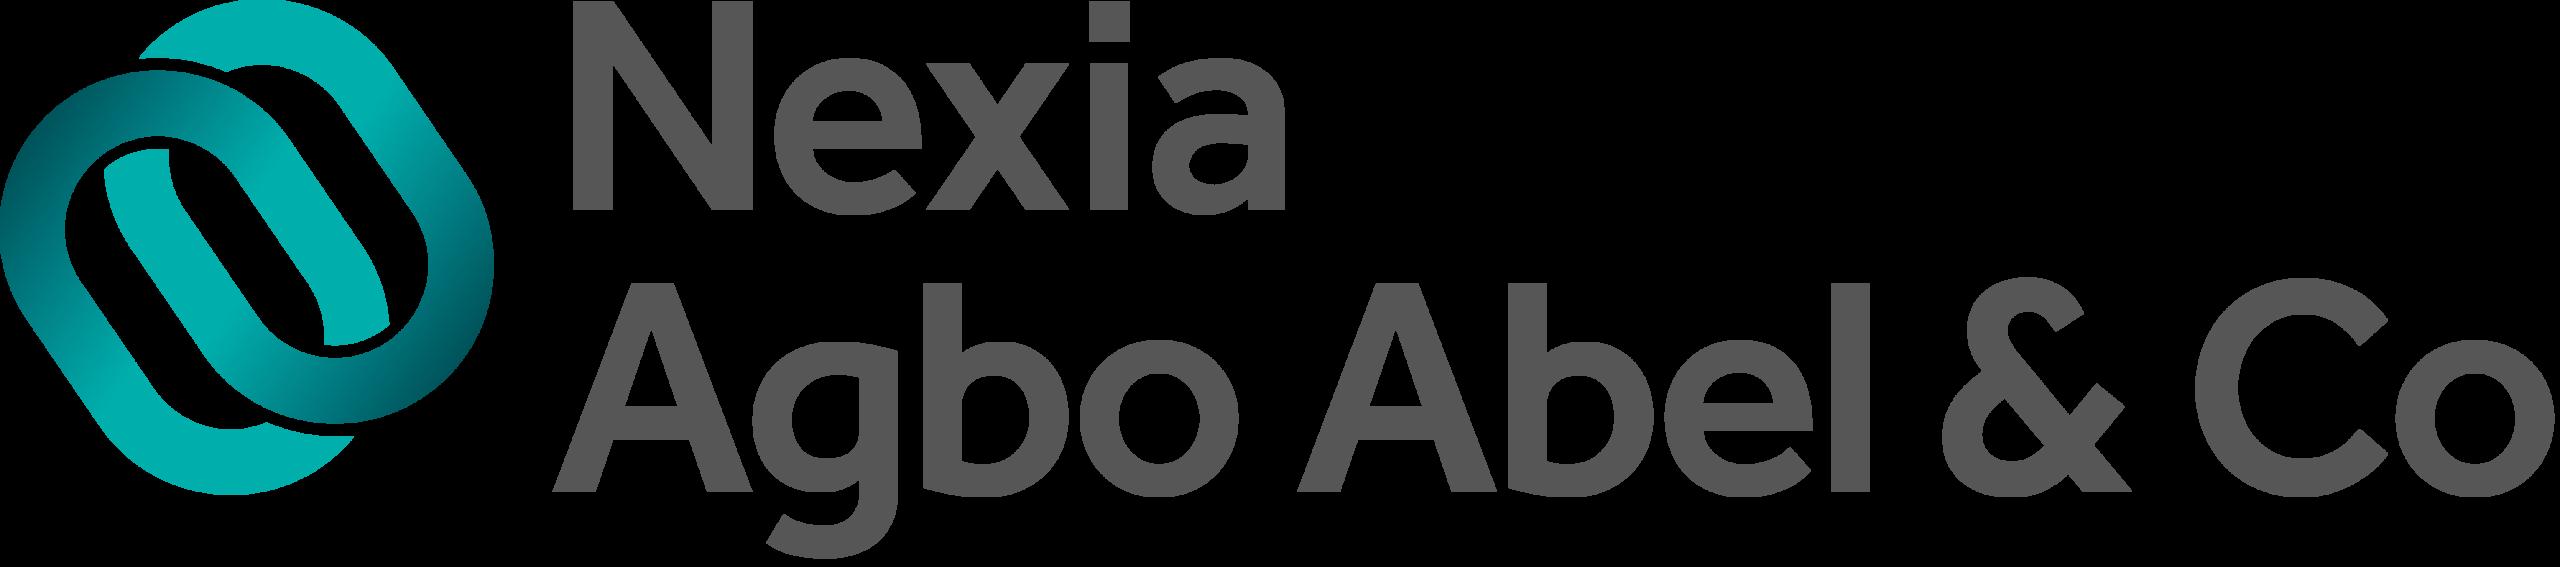 Nexia Agbo & Abel